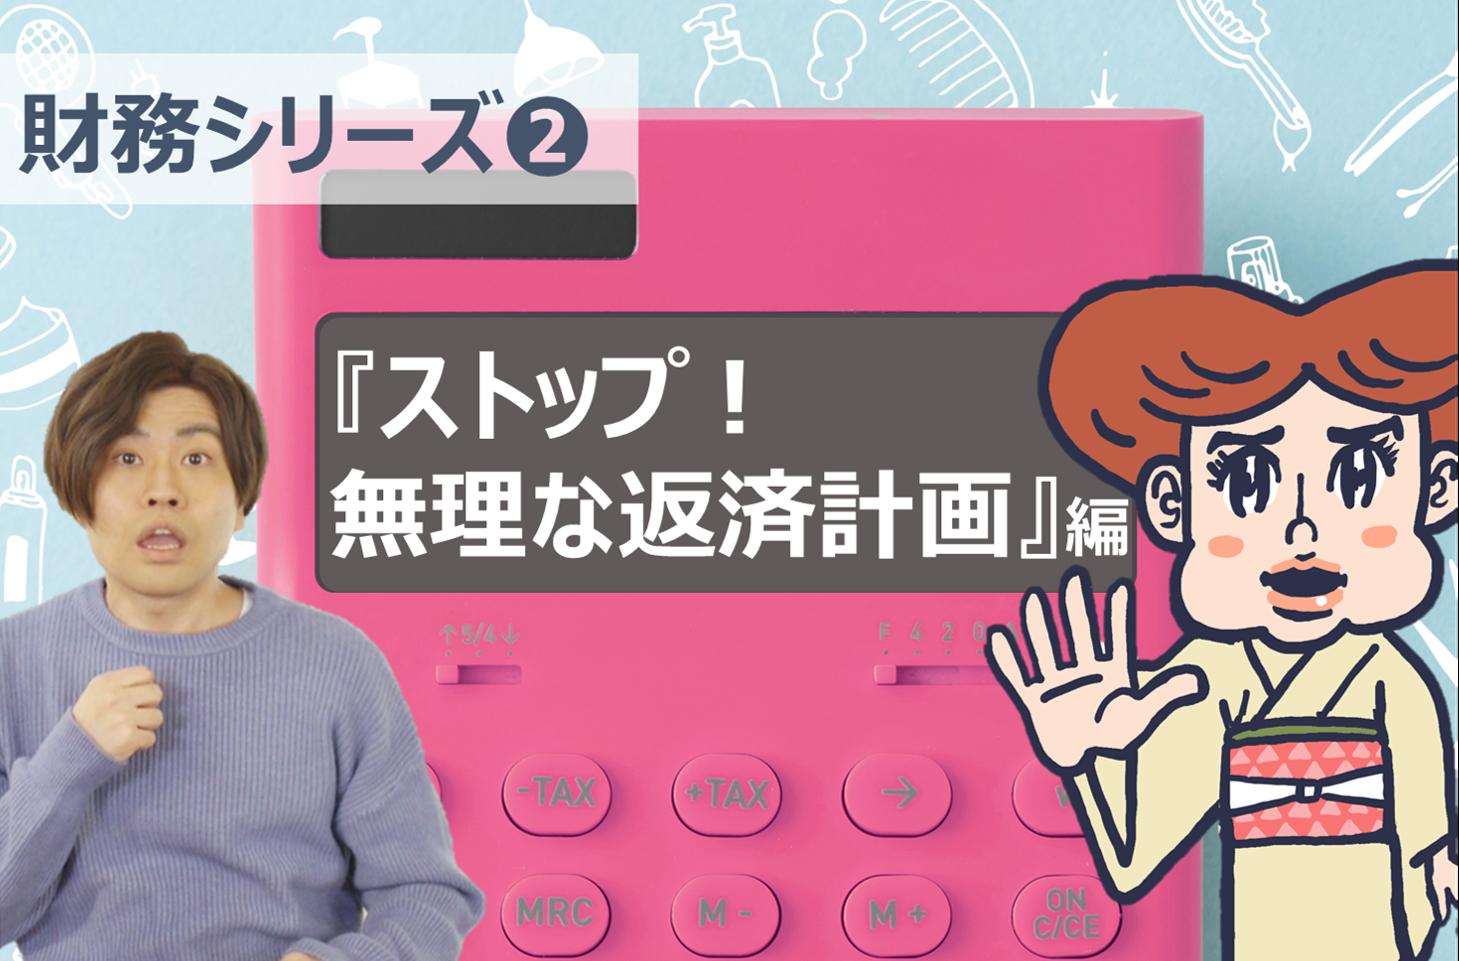 財務シリーズ② ストップ!無理な返済計画